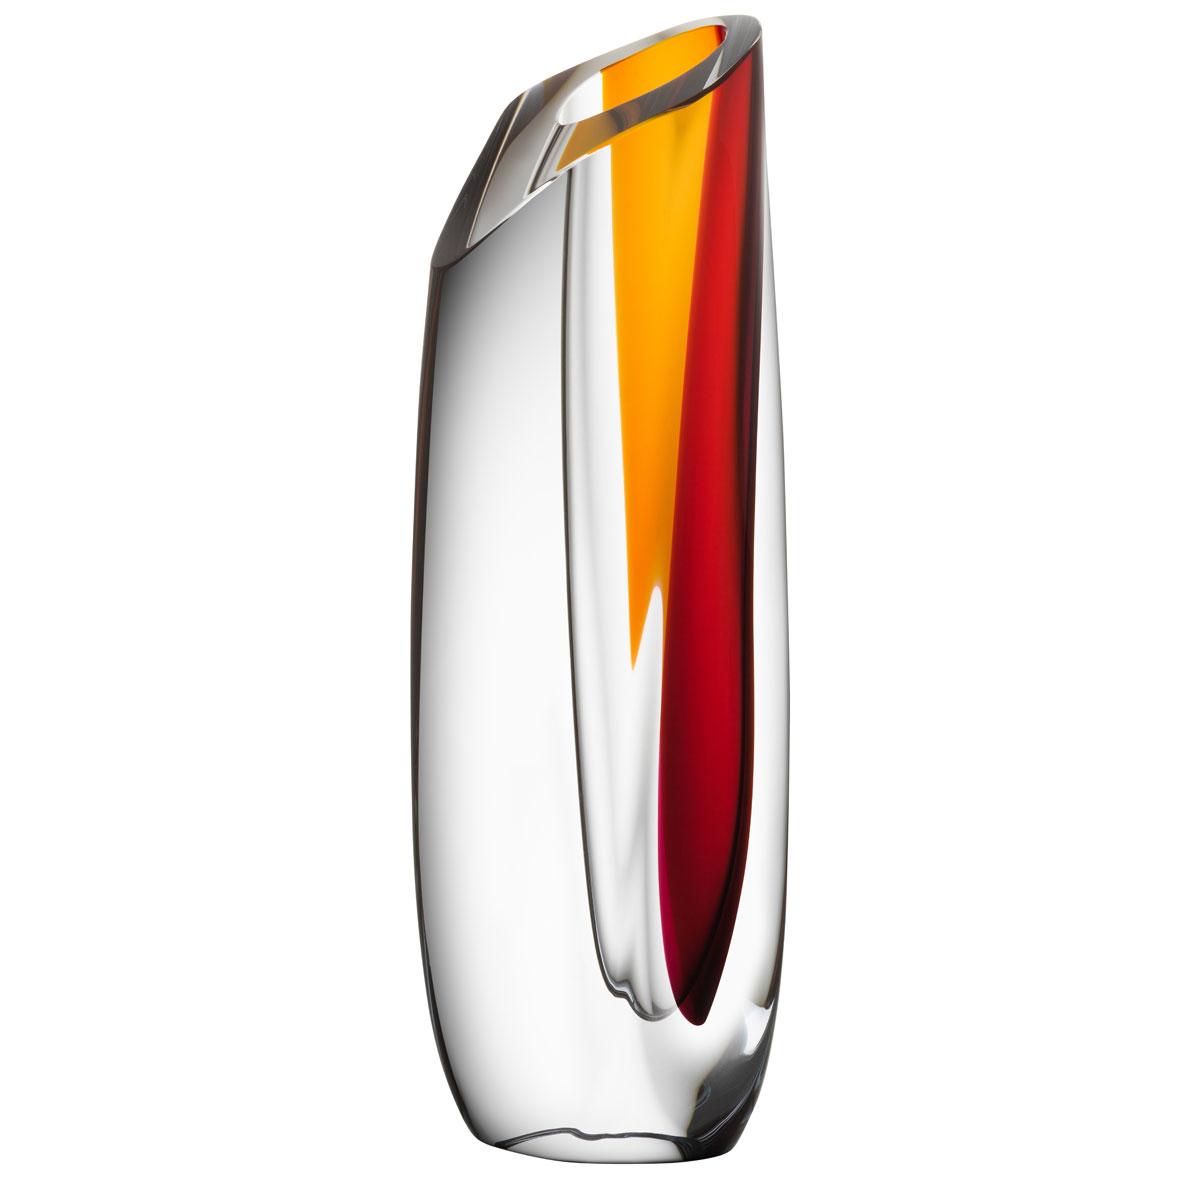 Kosta Boda Saraband Vase Red, Amber